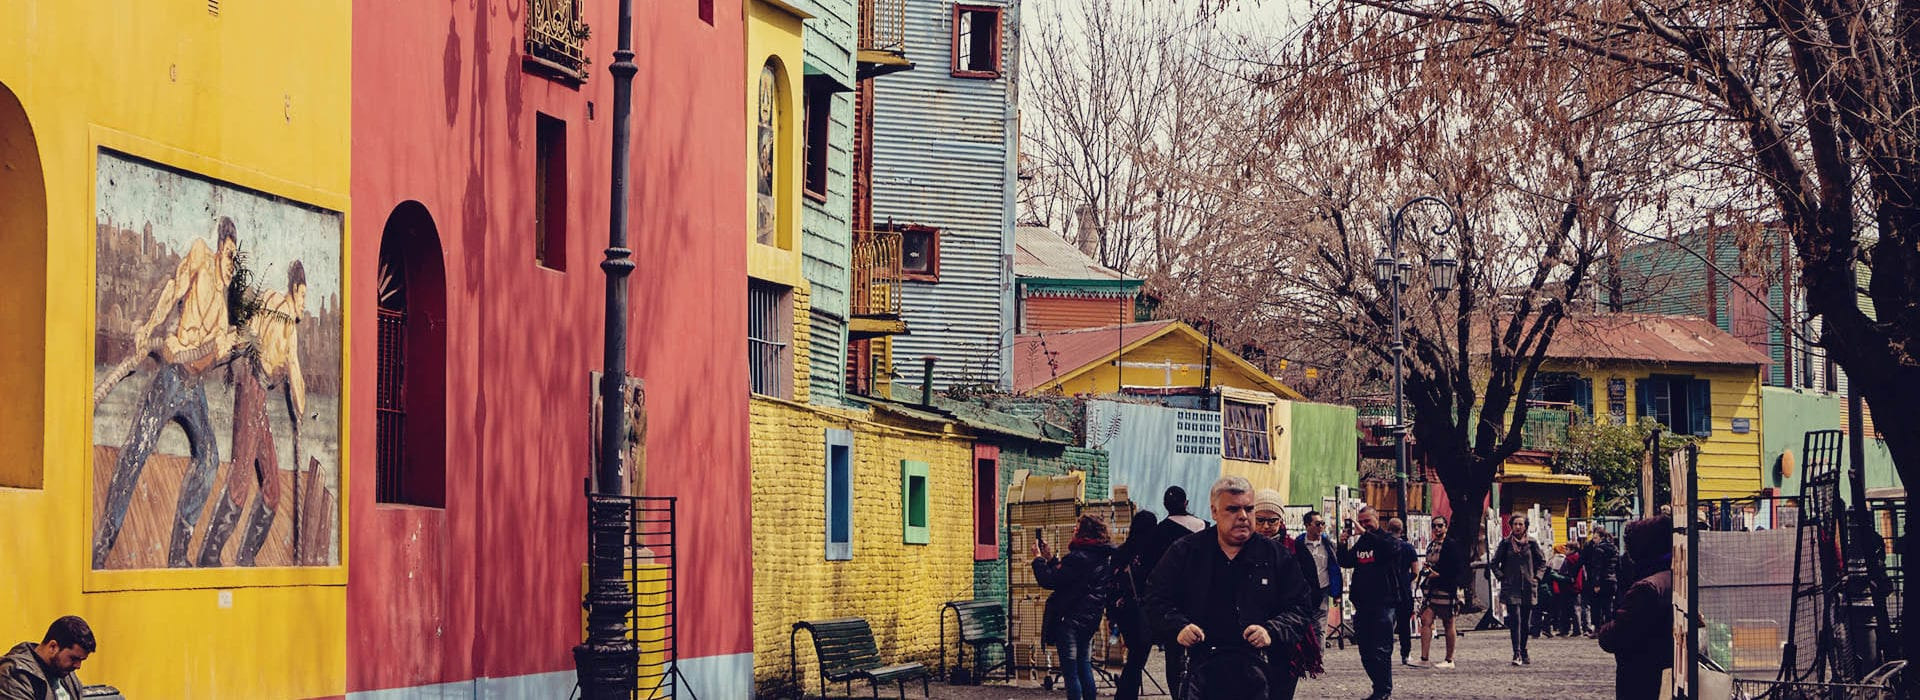 O que fazer em Buenos Aires gastando pouco - caminito